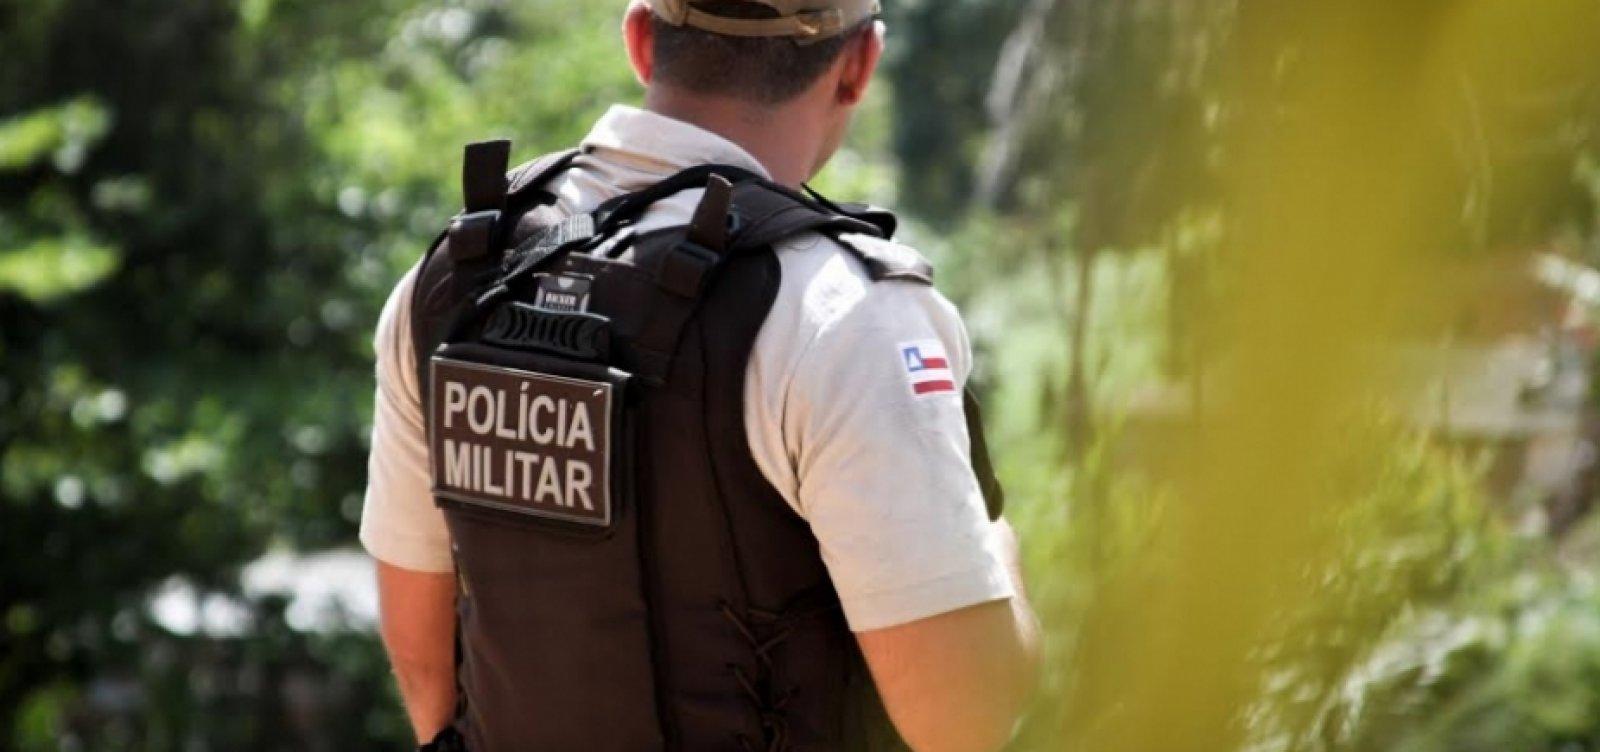 [Em quatro meses, Bahia já tem quase metade de policiais mortos do ano passado]